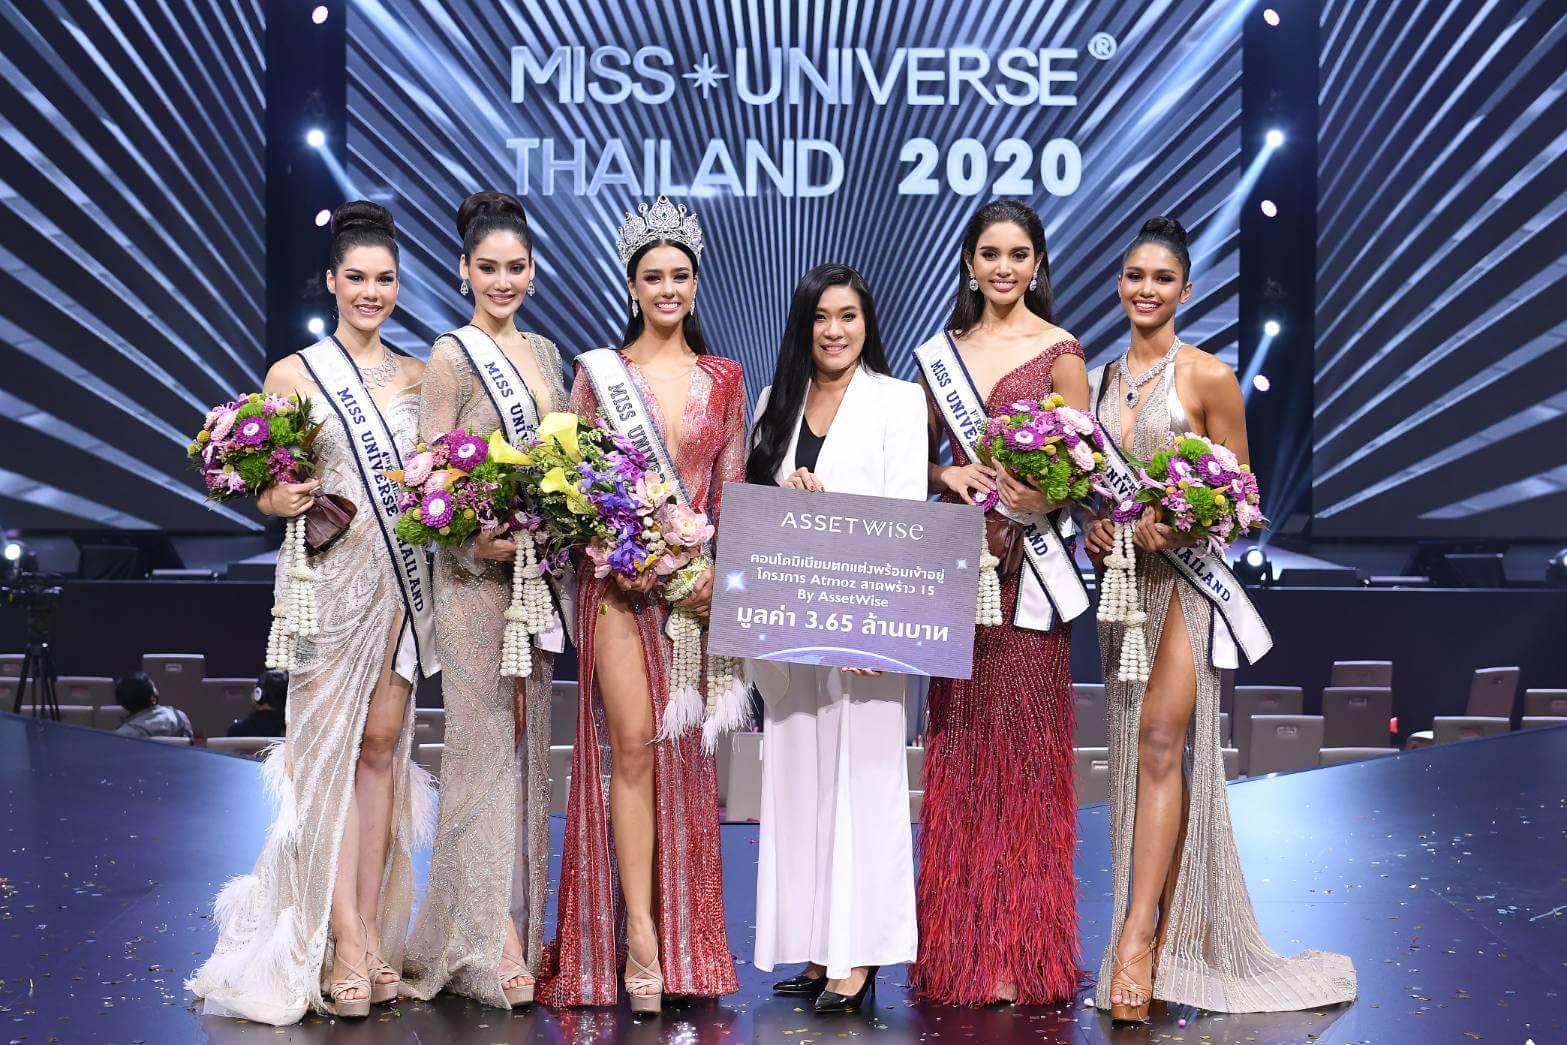 ภาพบรรยากาศการประกวด Miss Universe Thailand 2020 รอบ Final Competition ณ ICONSIAM เมื่อวันที่ 10 ต.ค. 63